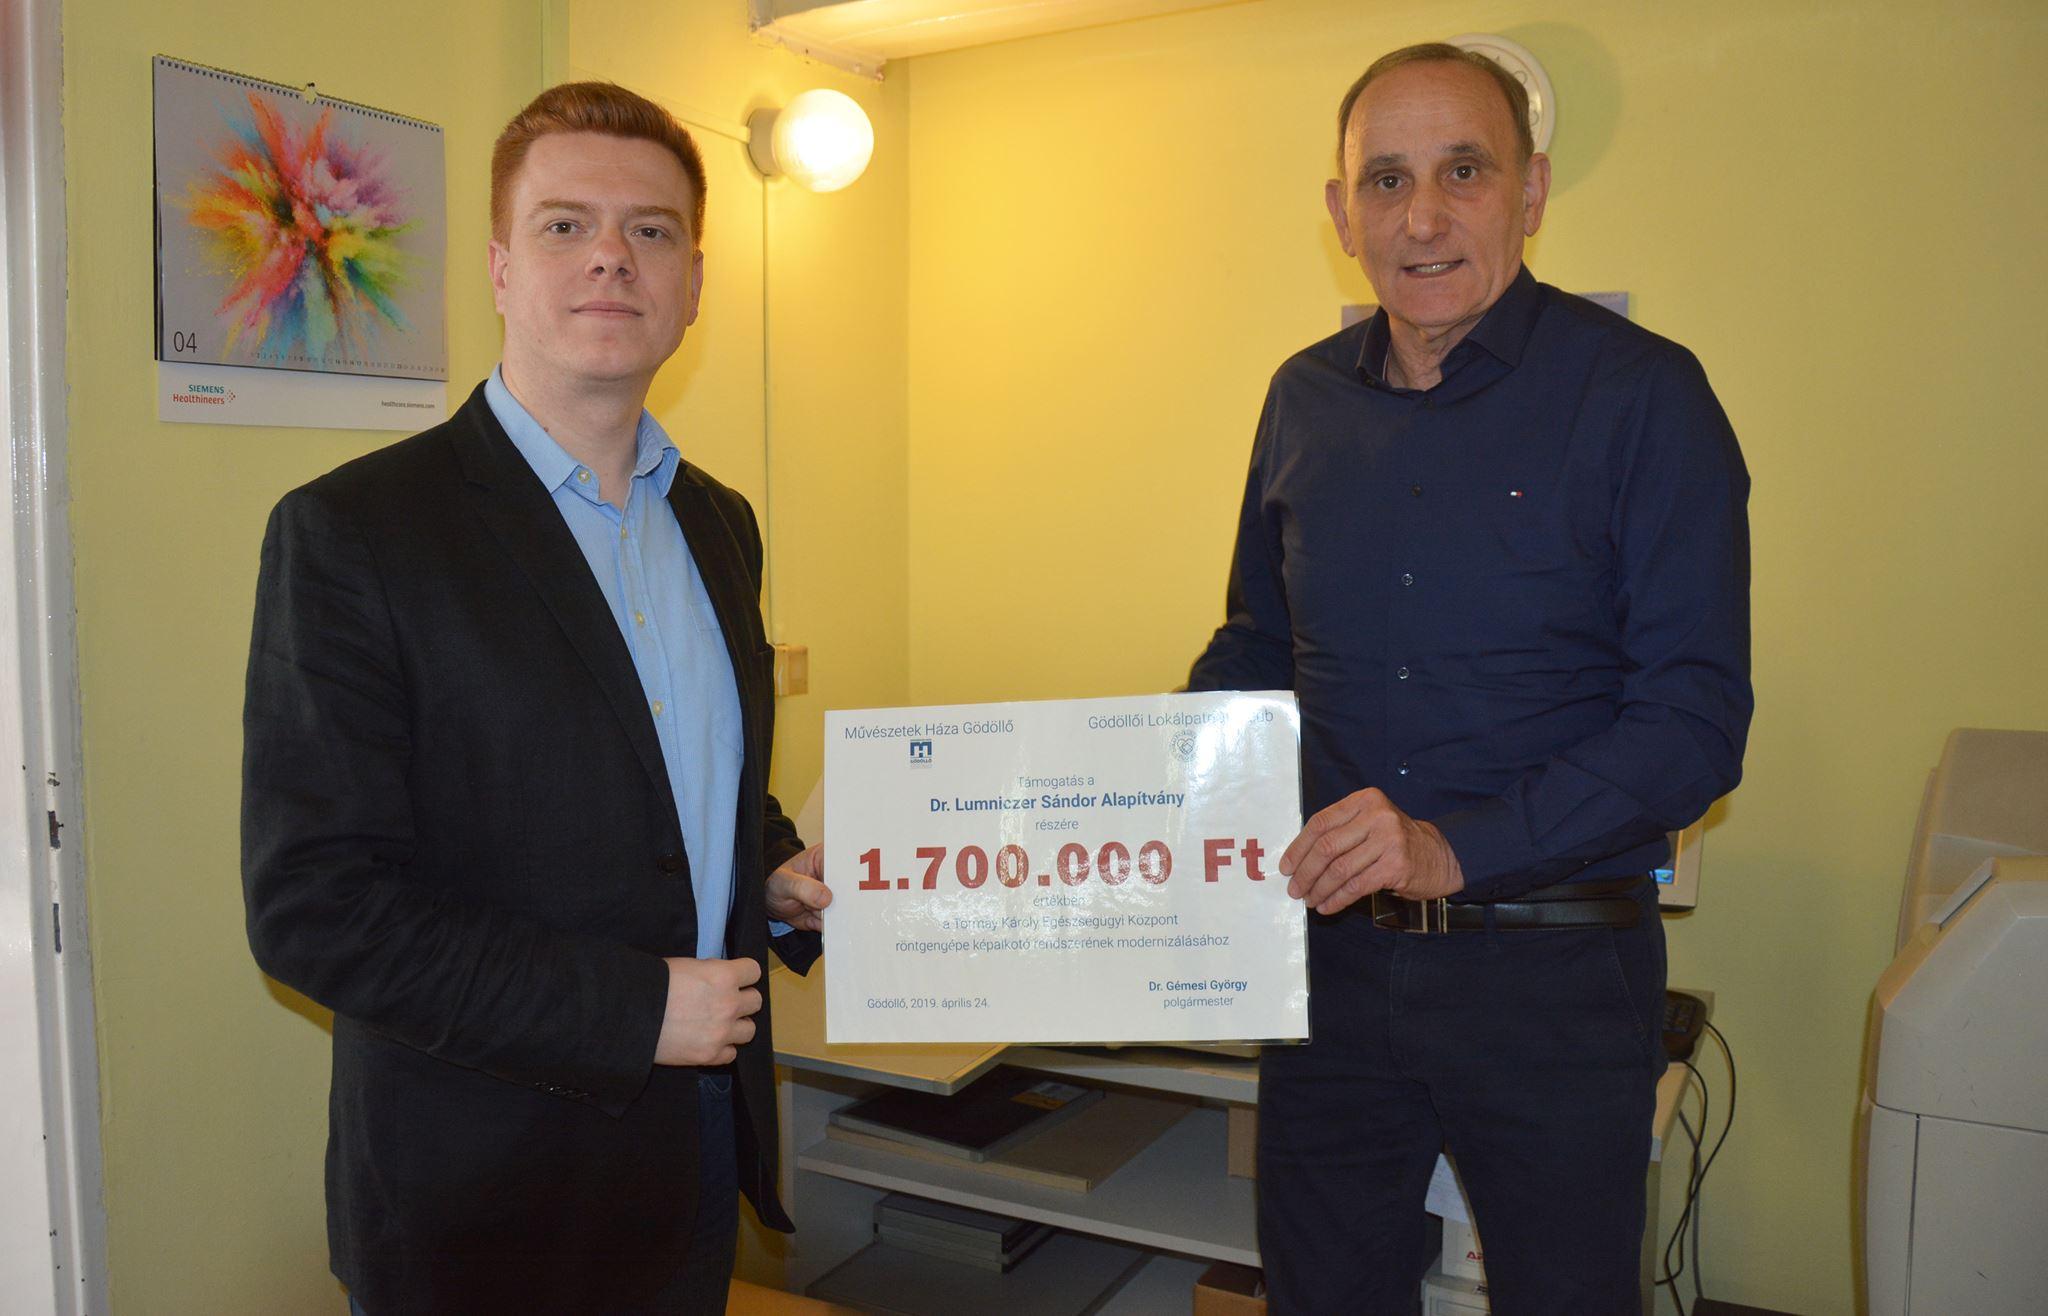 1.700.000 forintos támogatás a Dr. Lumniczer Sándor Alapítványnak